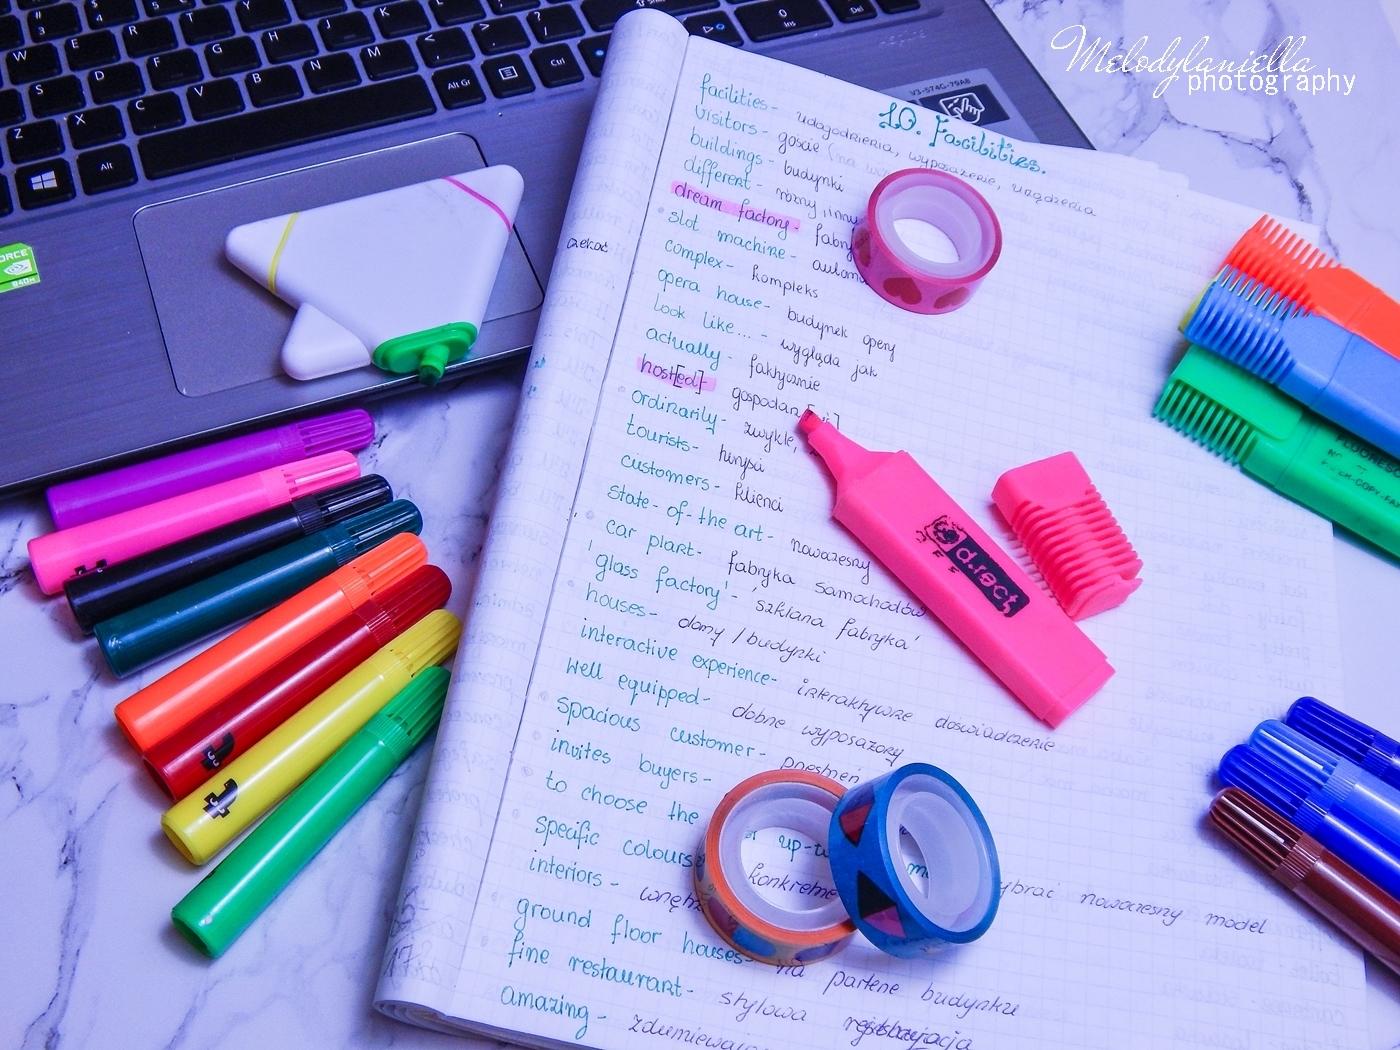 2 trzy sposoby na szybszą naukę języka angielskiego jak efektywnie uczyć się języków aplikacje do nauki angielskiego do nauki języków obcych duolingo książki ze słownikiem sherlock holmes tricki